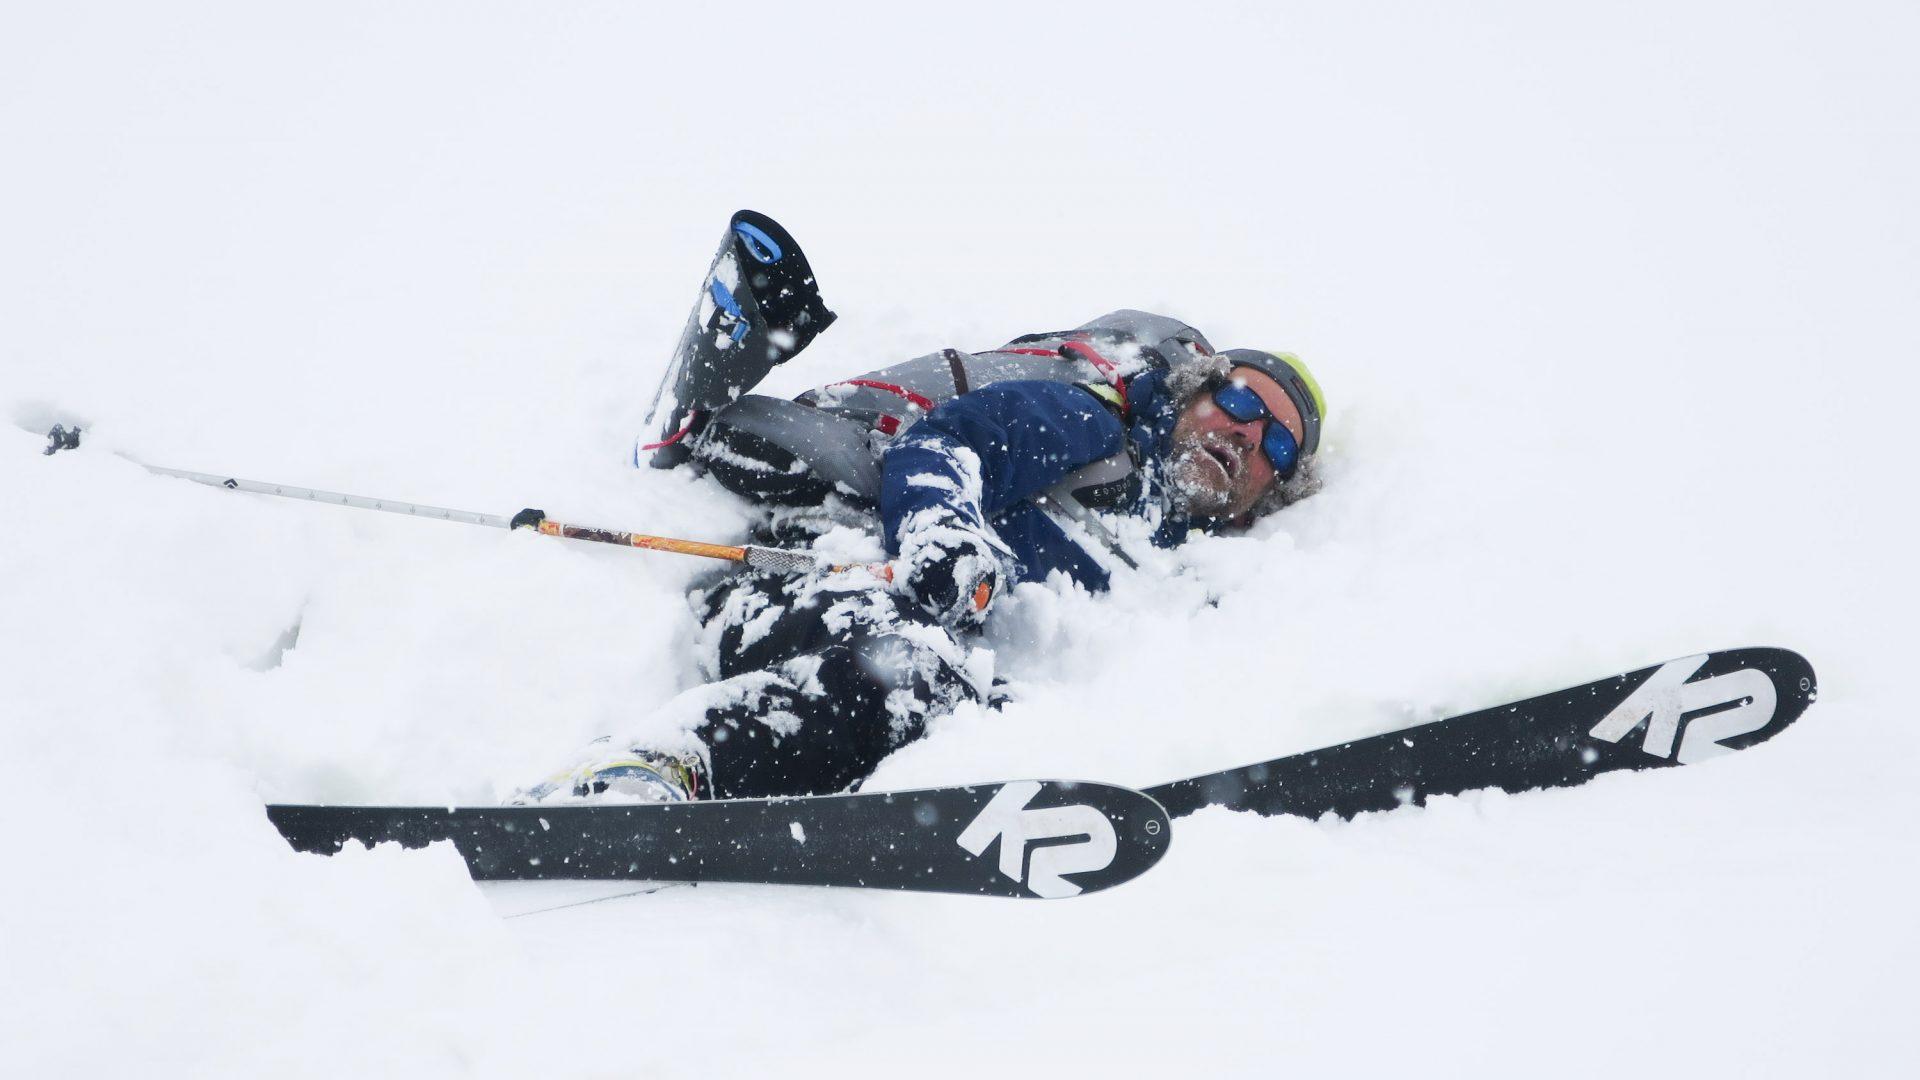 Huw Kingston flat on his back in the snow of Tajikistan.